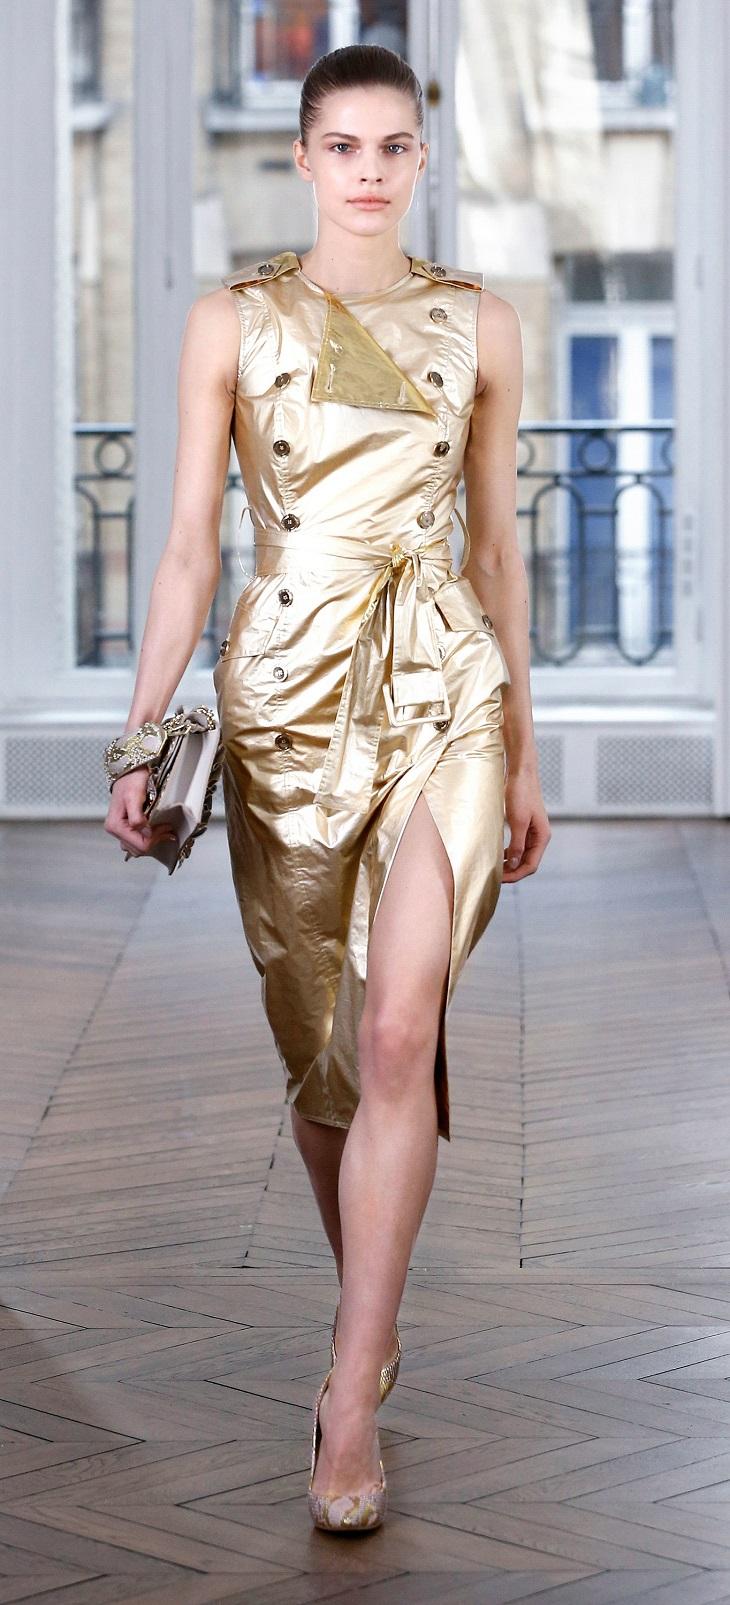 """ELLE Việt Nam - Ralph & Russo hớp hồn phái đẹp với cảm hứng """"Parisian Girl"""" trong bộ sưu tập mới (3)"""